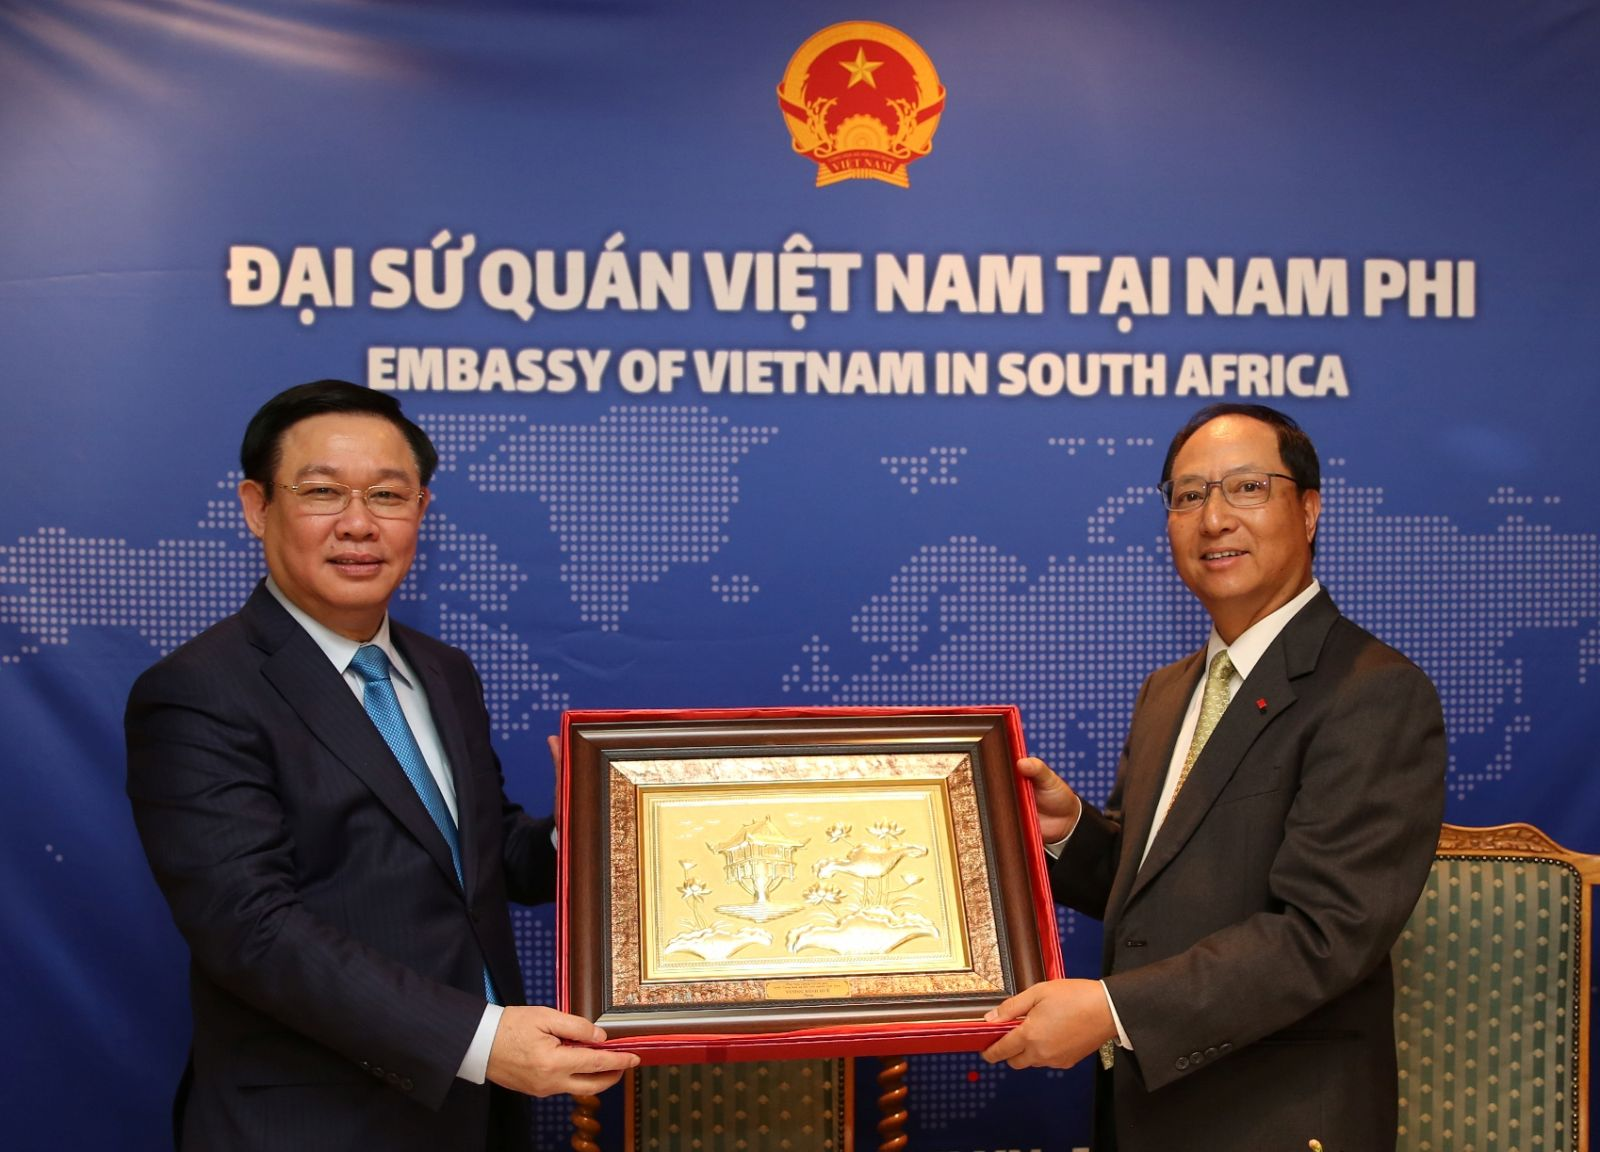 Phó Thủ tướng tặng quà cho Sứ quán Việt Nam. Ảnh VGP/Thành Chung